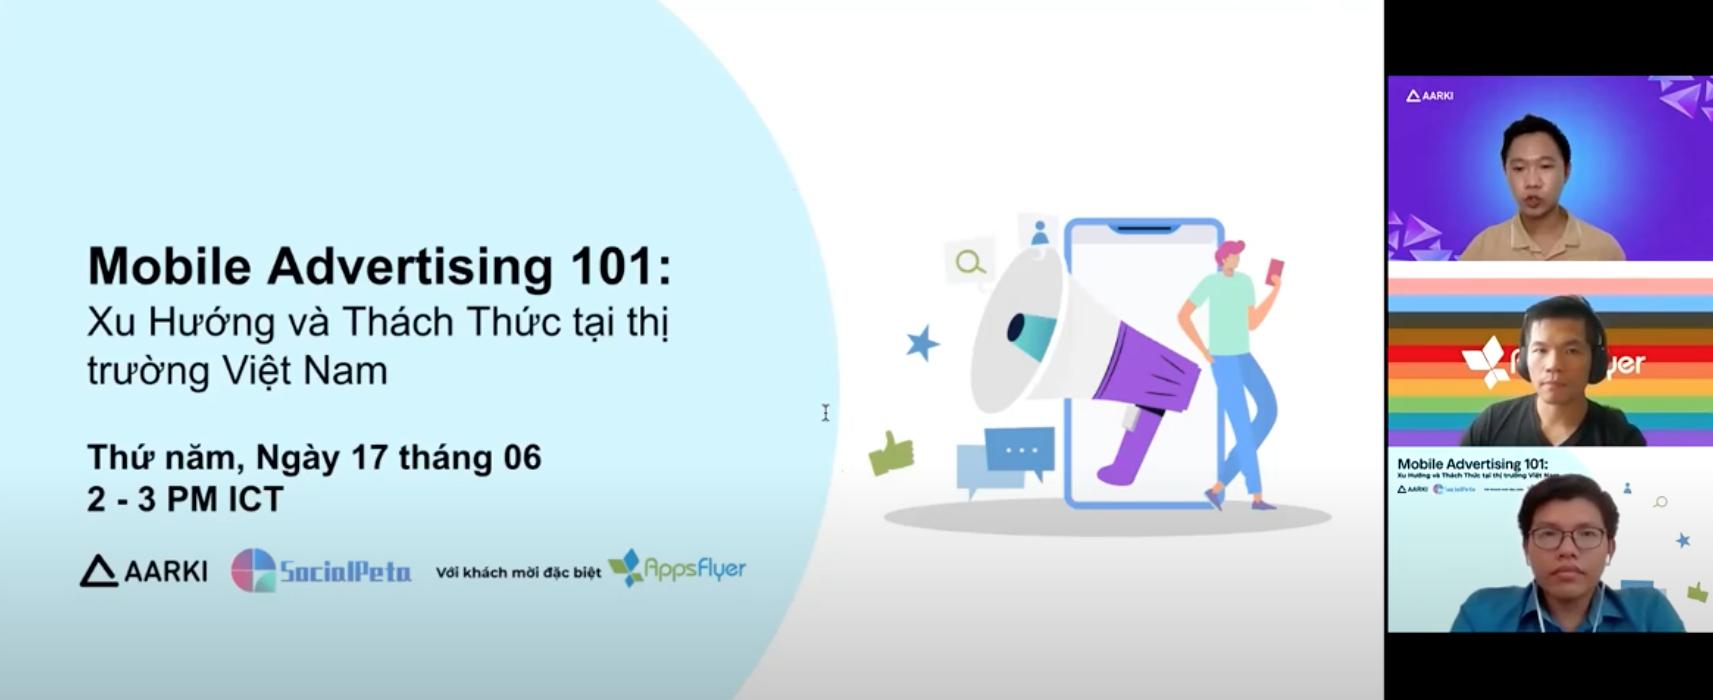 Mobile Advertising 101: Trends & Challenges in the Vietnam Market Webinar AppsFlyer SocialPeta Aarki